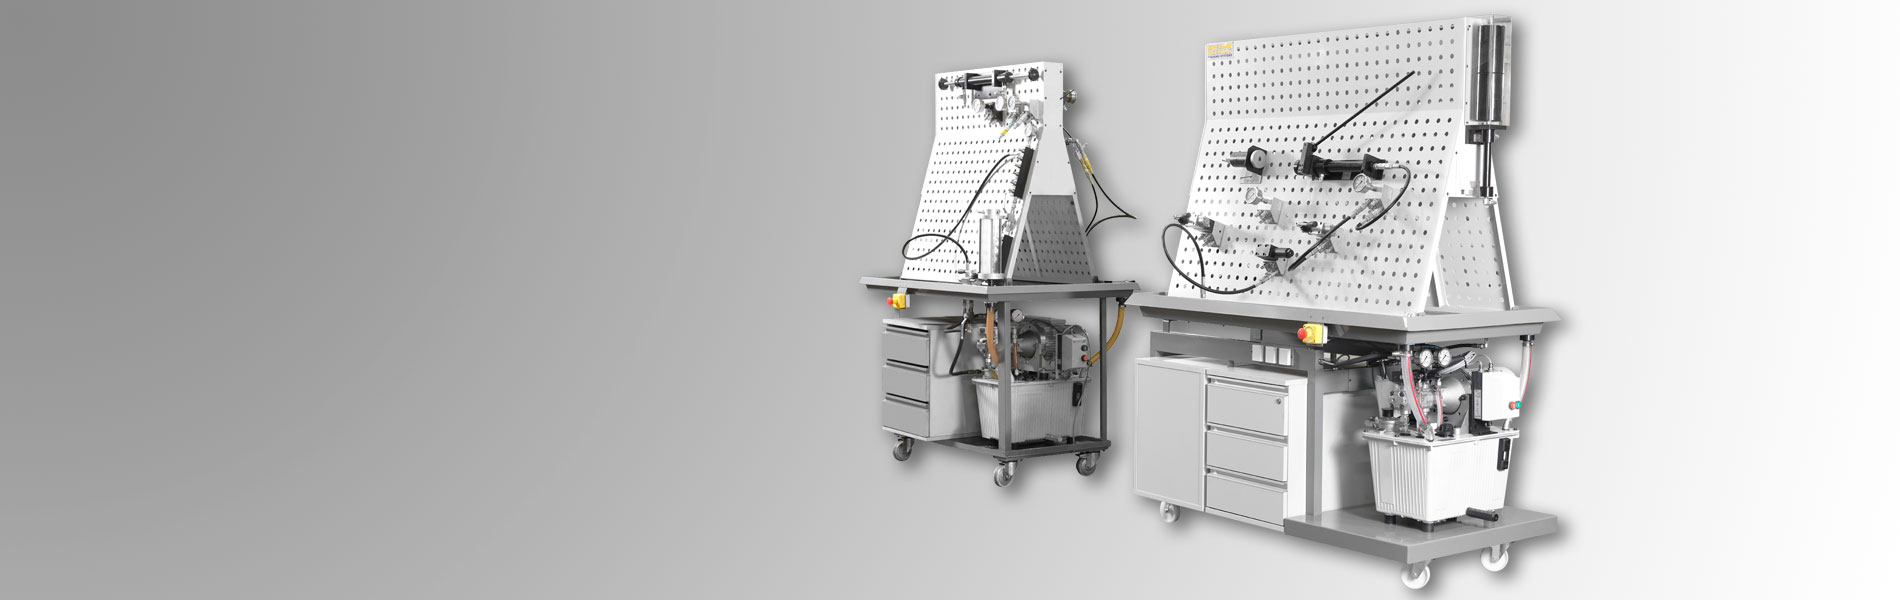 HRE DIDACTIC, la sección especializada en didáctica de HRE Hidraulic